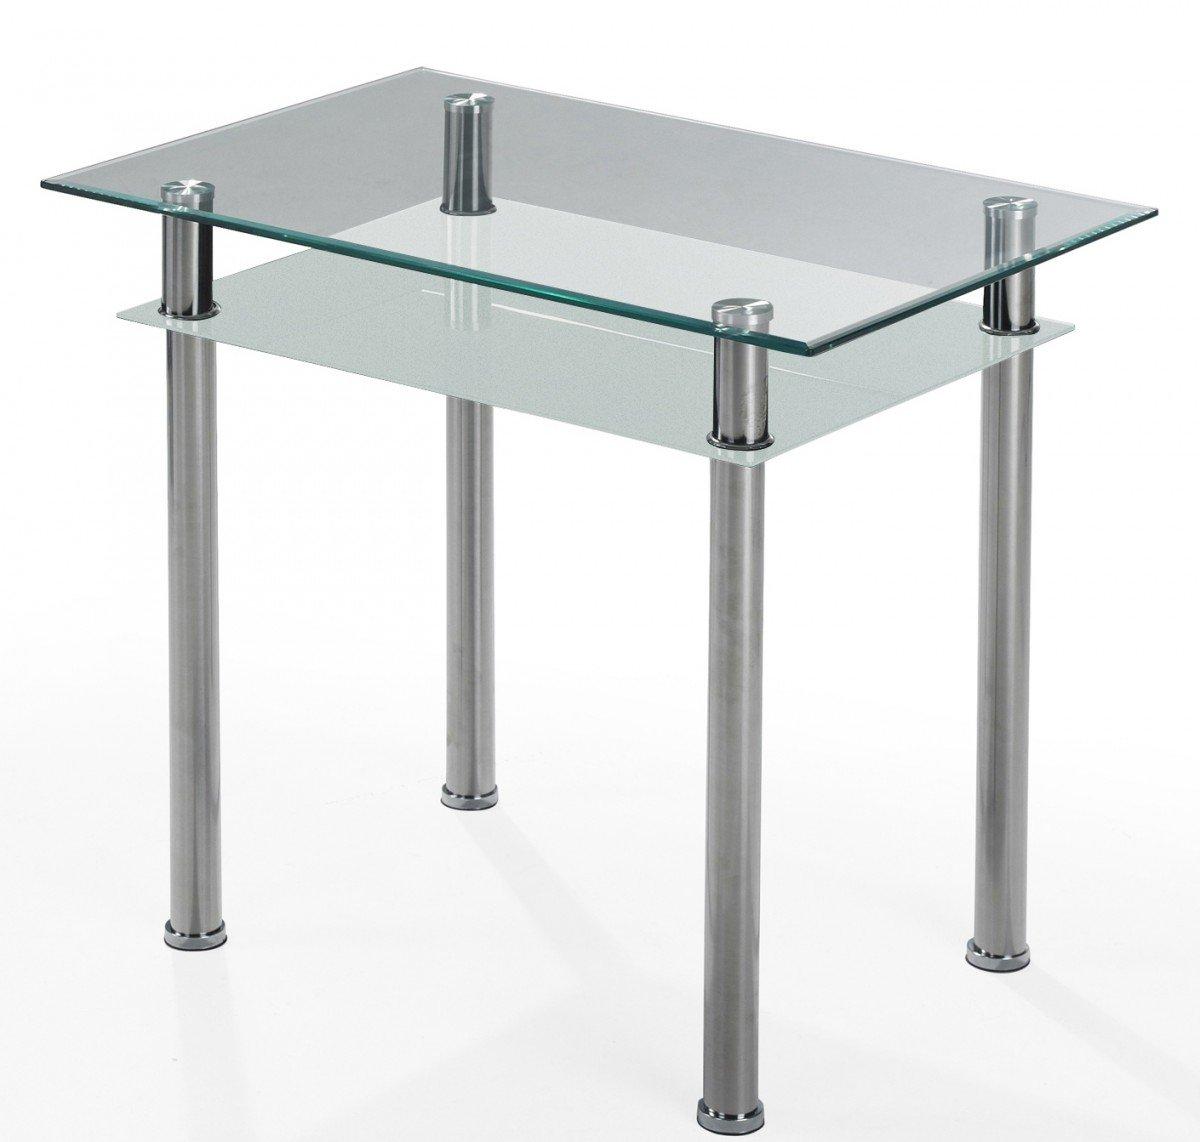 kchentisch mit ablage kuchentisch weiss pkline esstisch ausziehbar eiche tisch ka chentisch. Black Bedroom Furniture Sets. Home Design Ideas